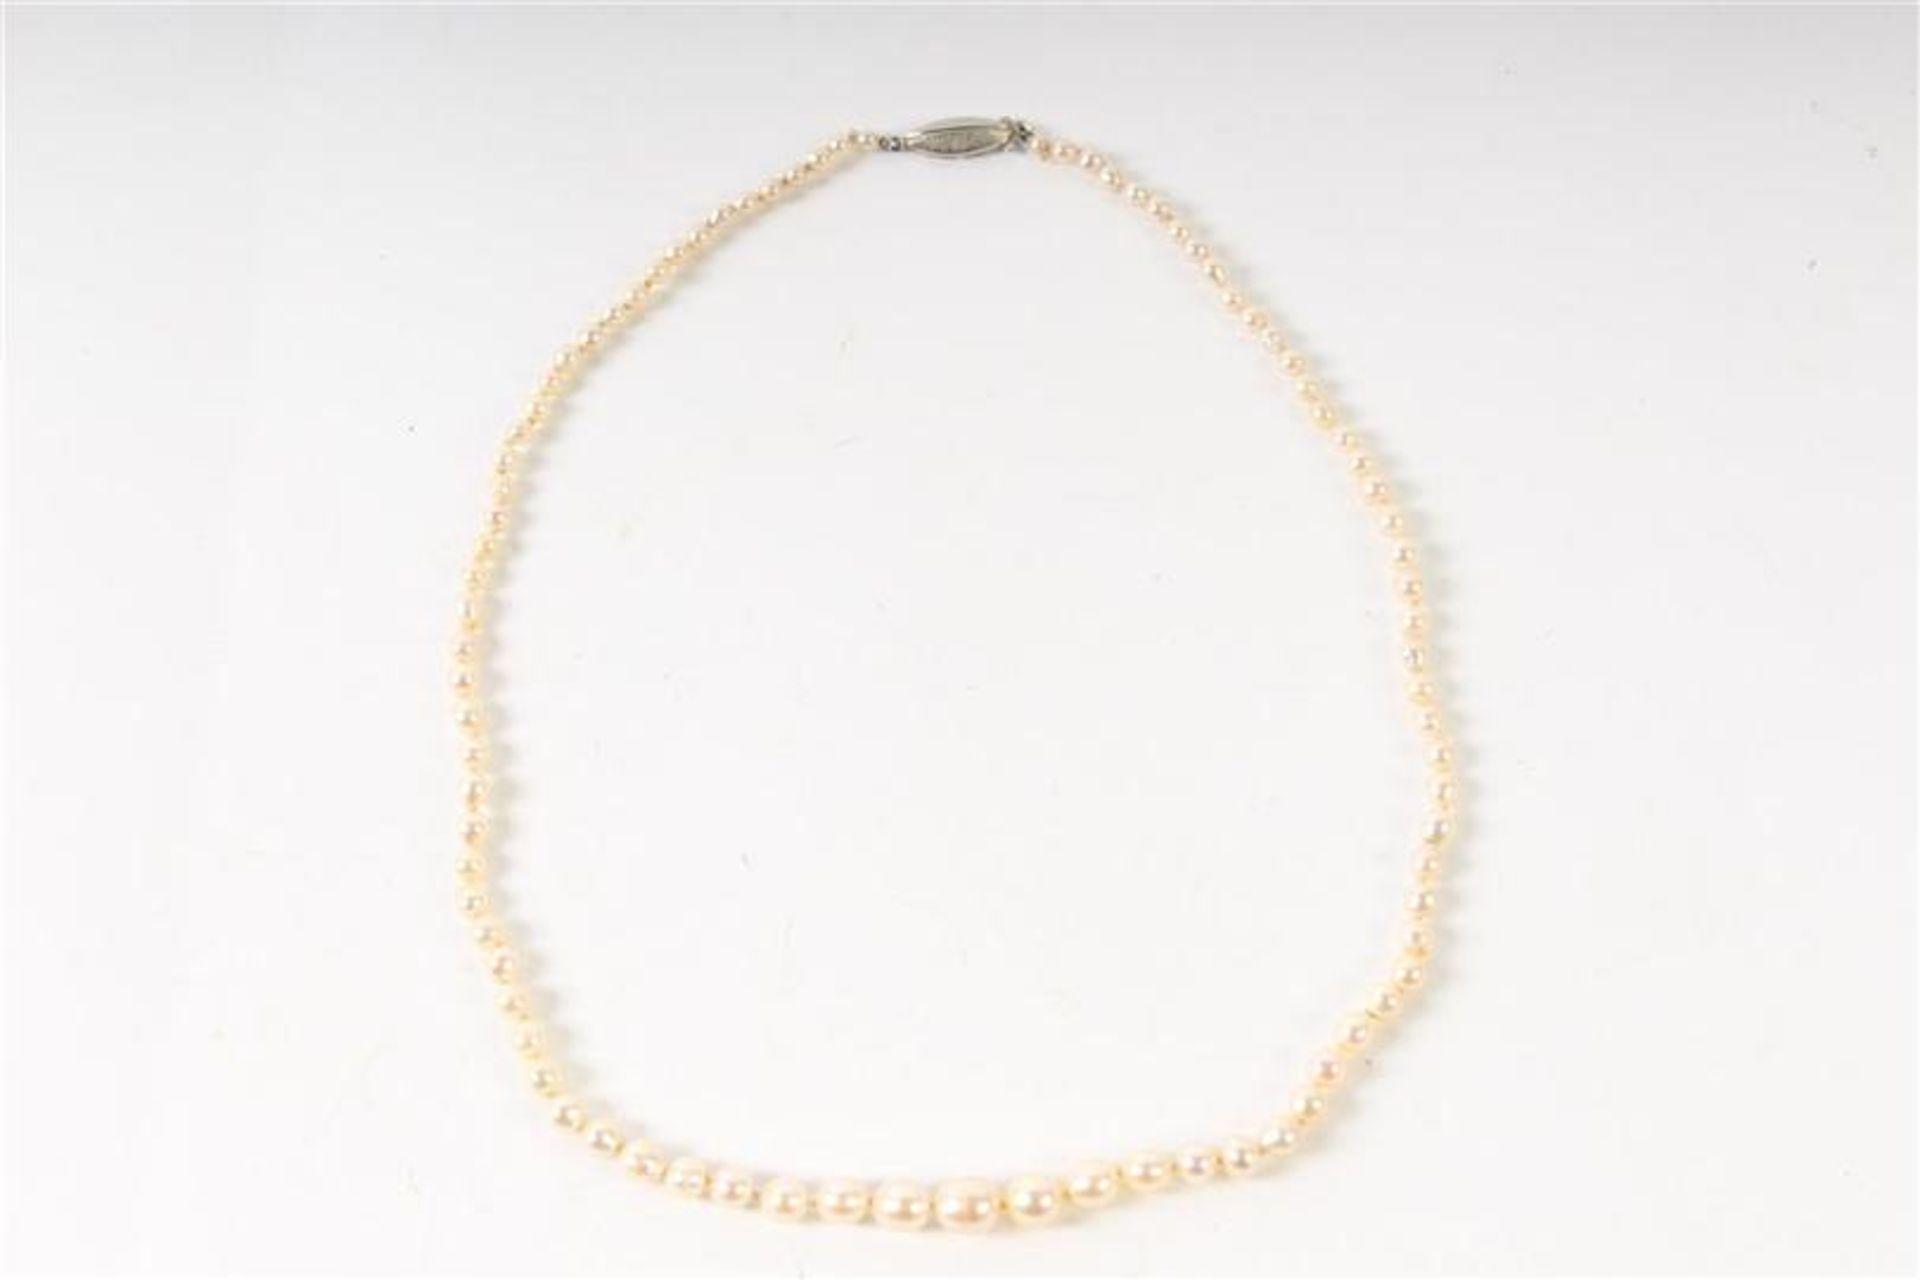 Akoya parelsnoer met zilveren sluiting. L: 48 cm. - Bild 2 aus 3